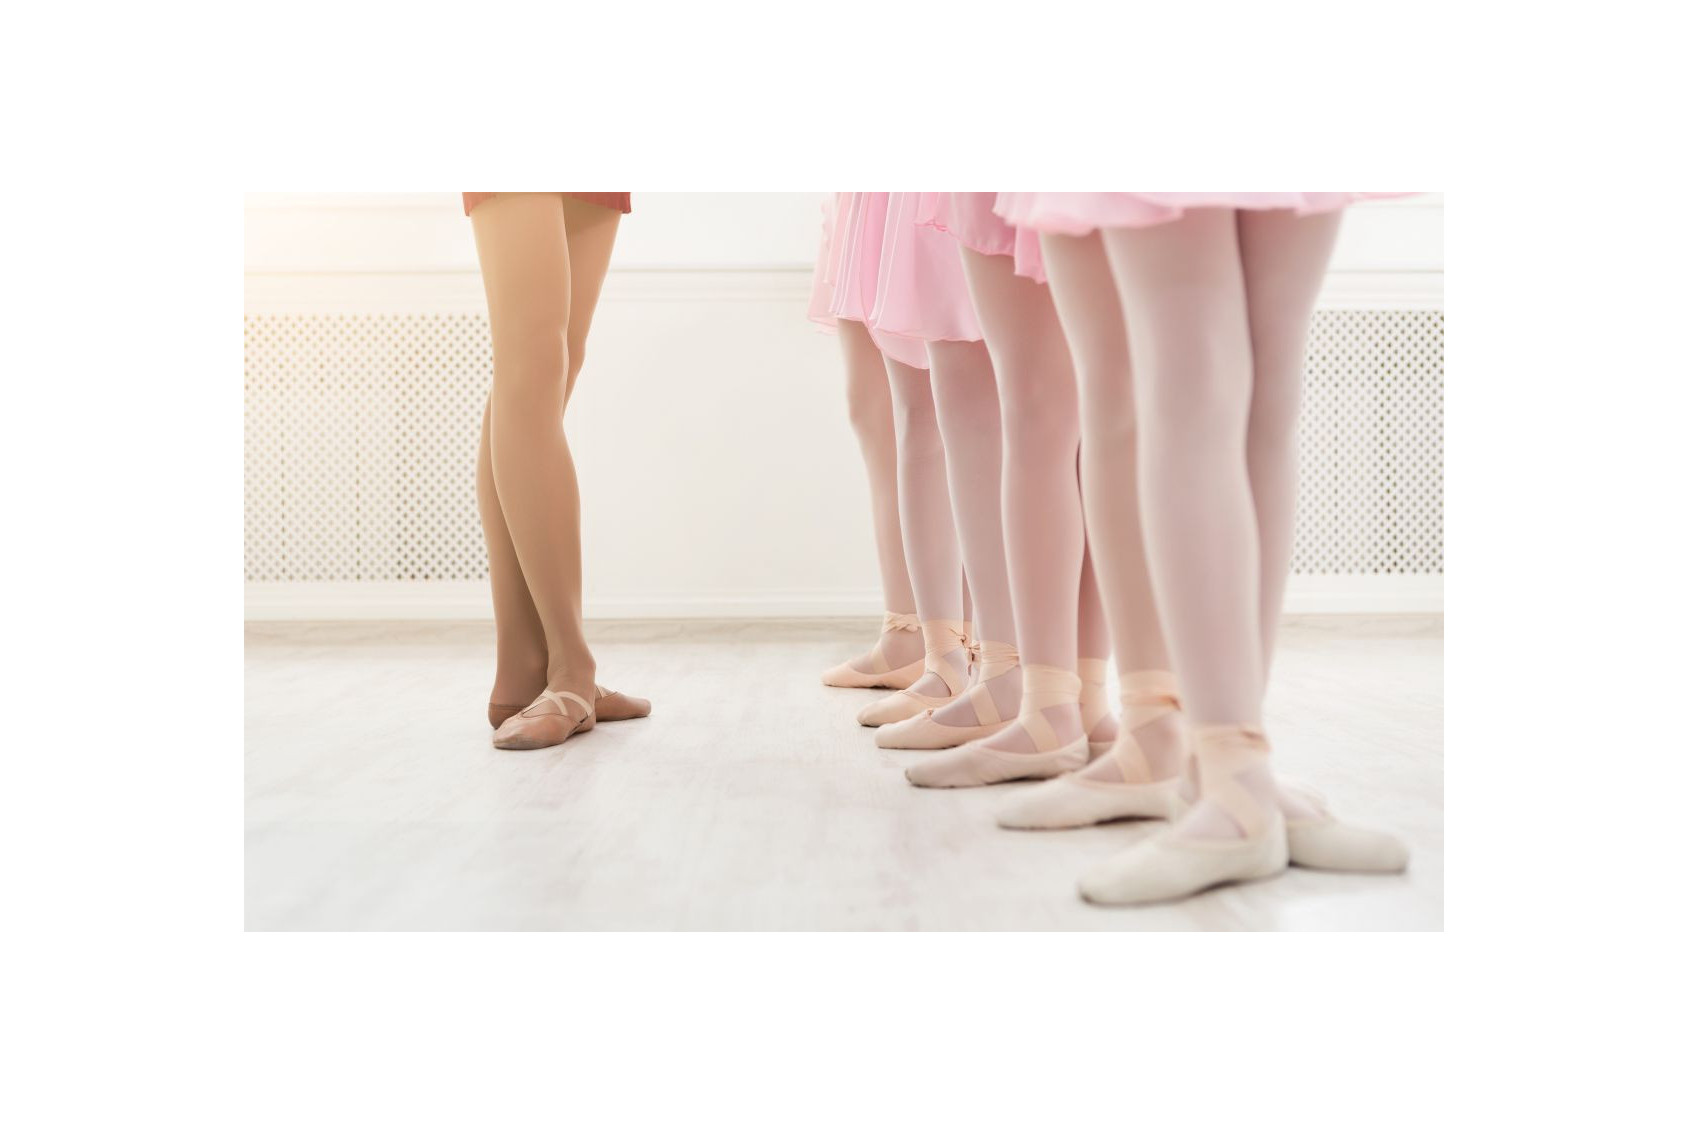 CLB - danse classique